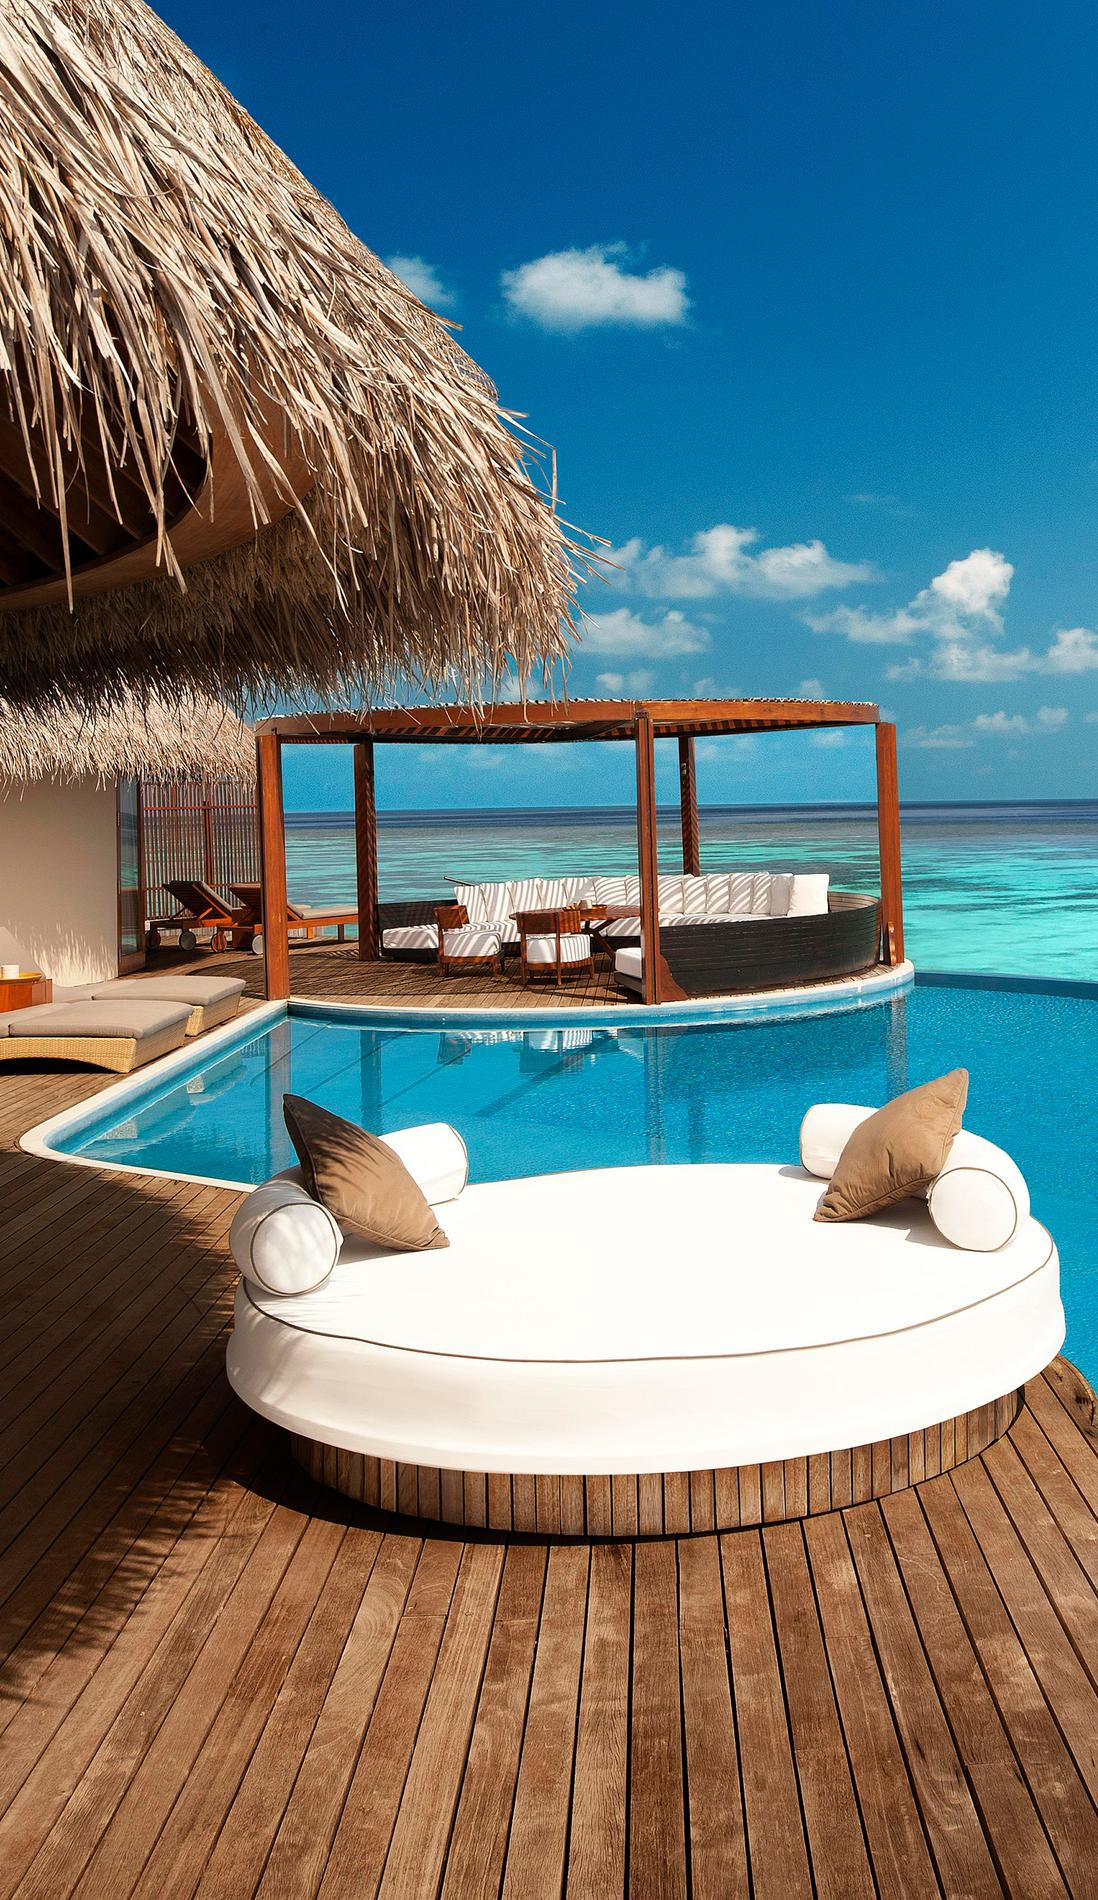 Bien-aimé Maldives : dix séjours de rêve sans (trop) se ruiner - Madame QJ24